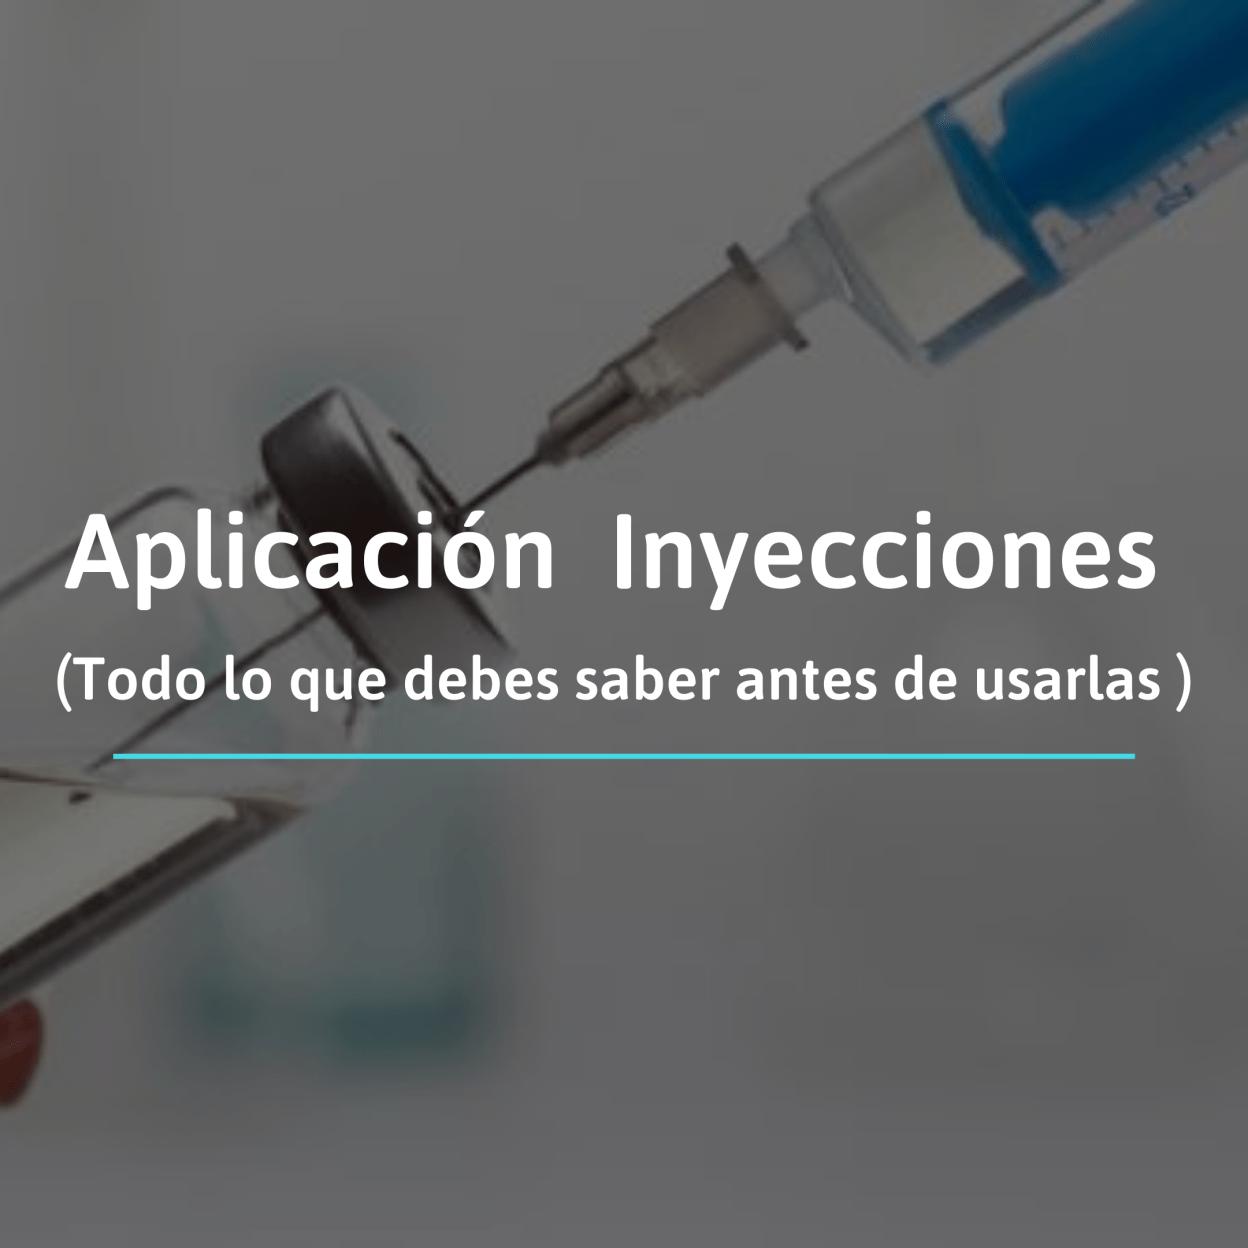 La aplicación de la inyecciones se refiere al hecho o acción introducir a través de la aguja de una jeringa una sustancia en alguna capa de la piel o musculo